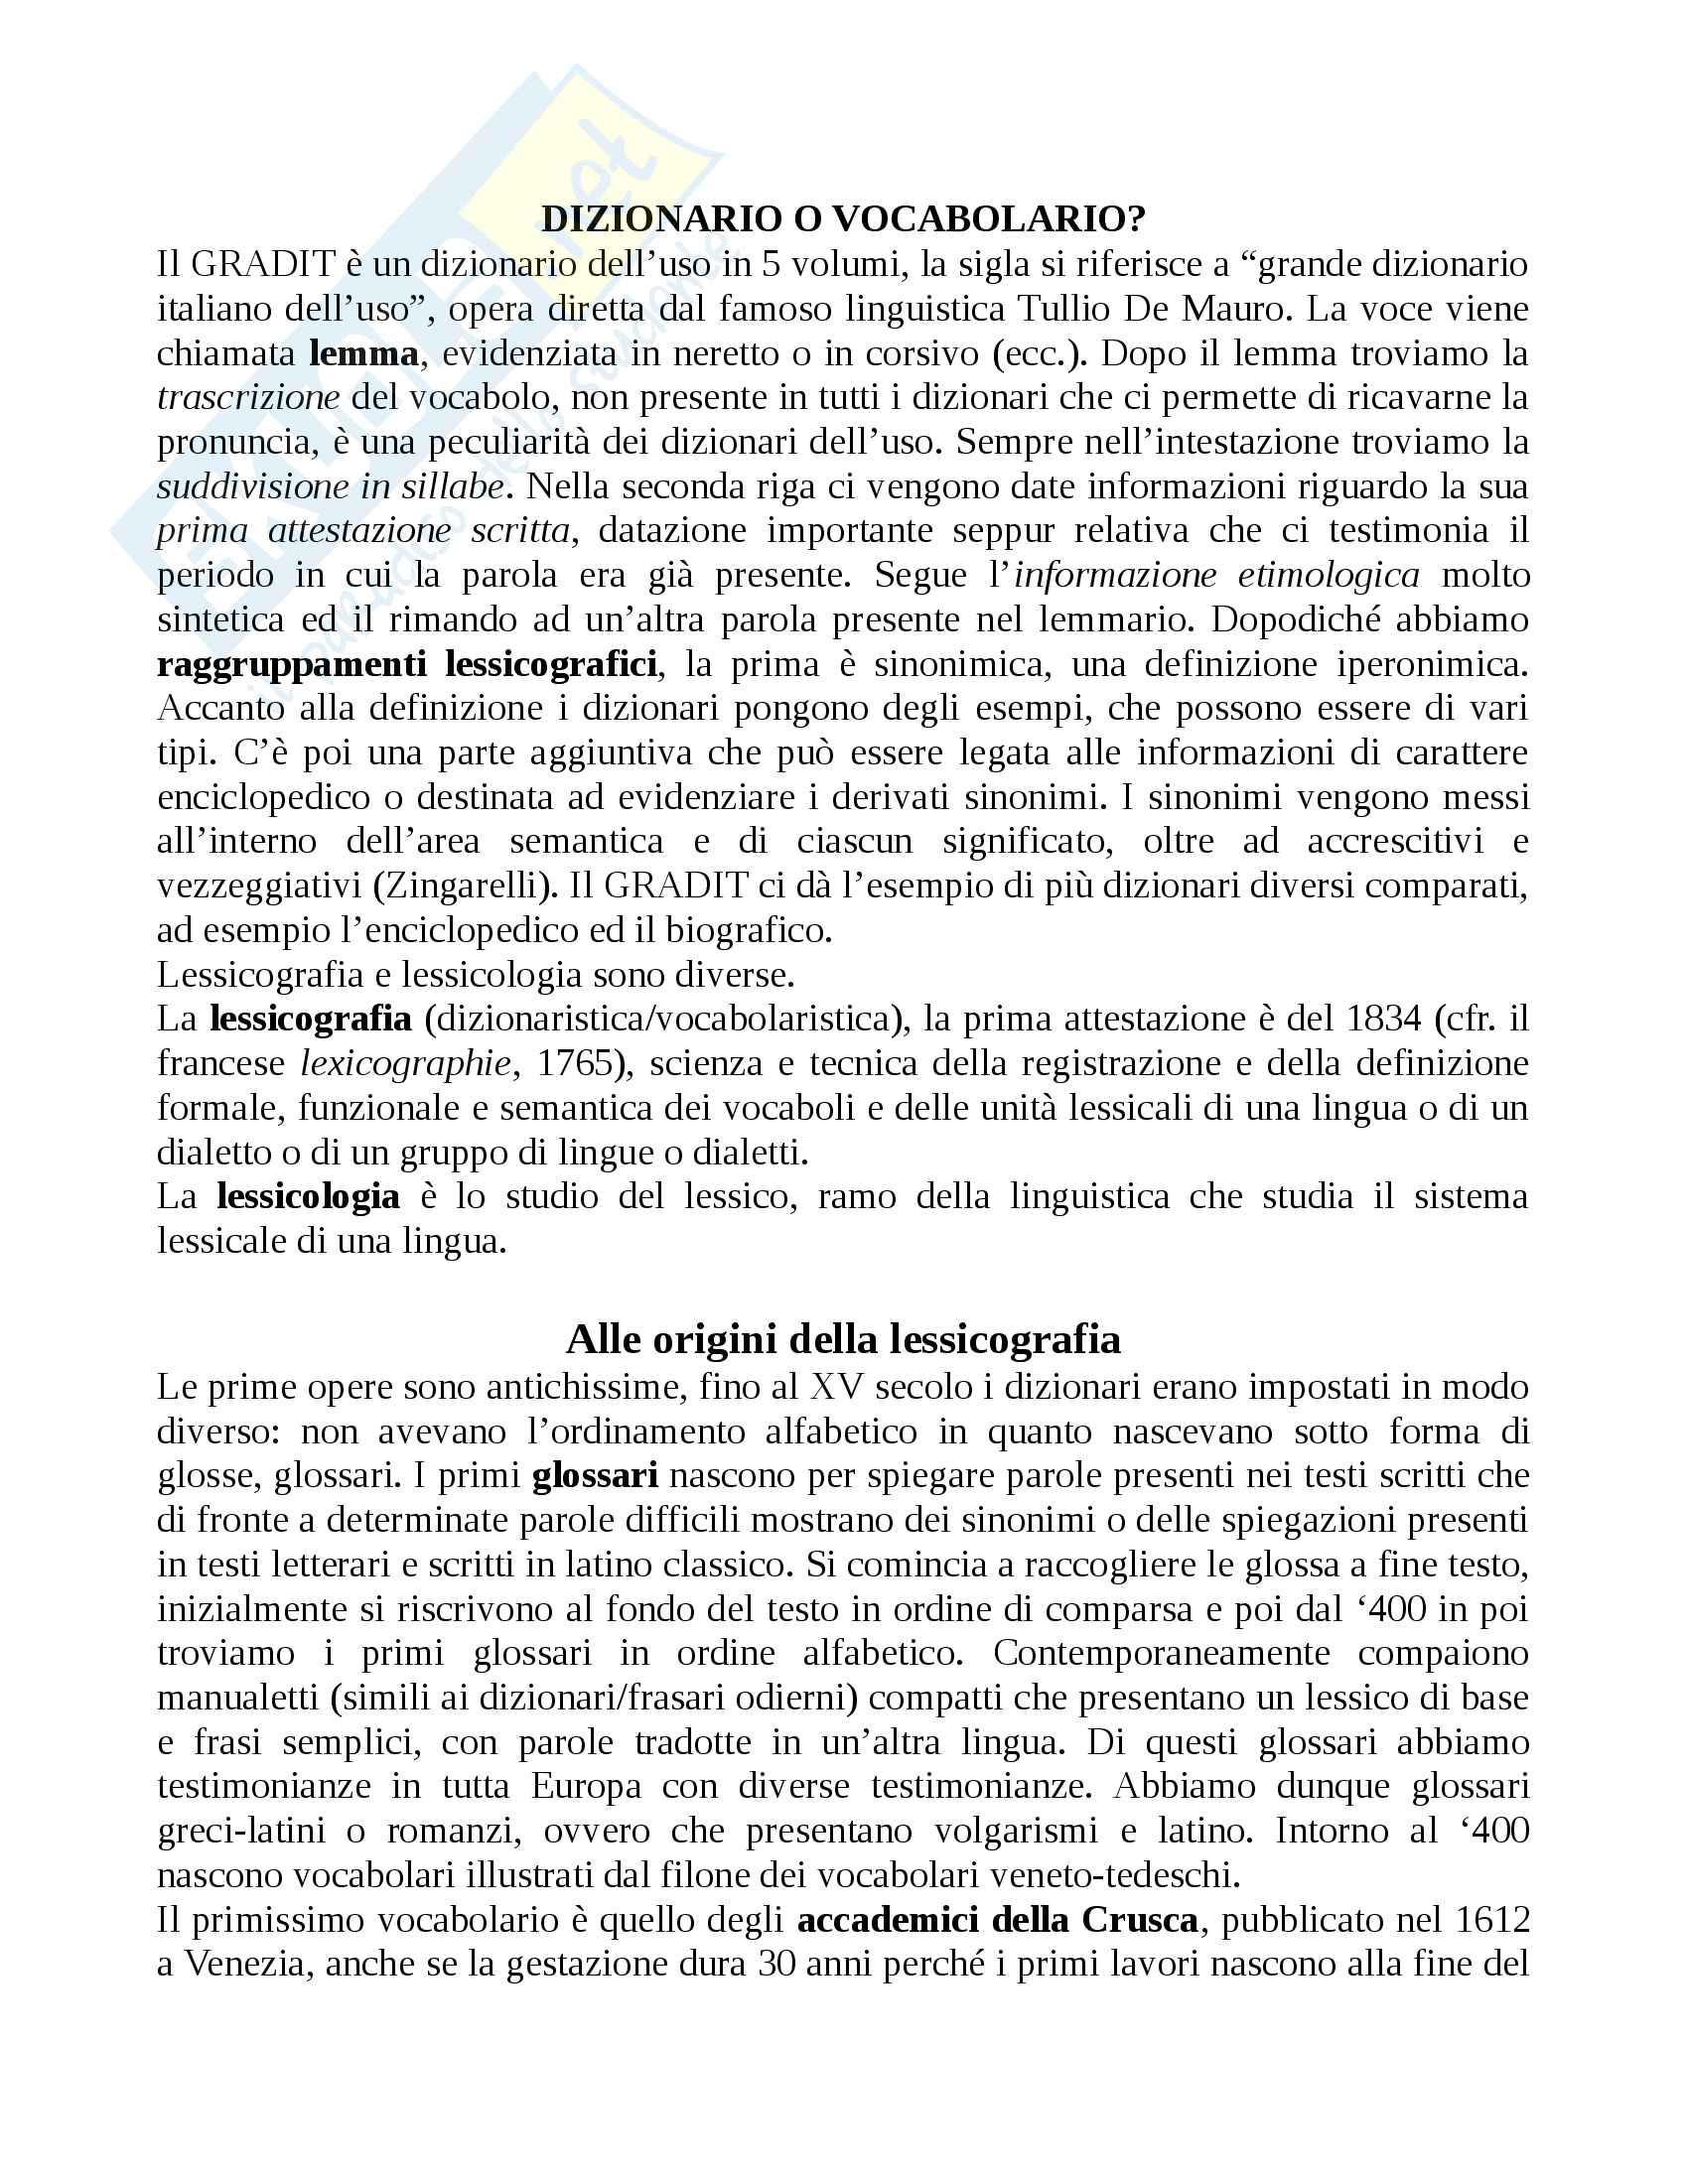 Appunti completi Linguistica Italiana Cacia - Onomastica (Modulo B)